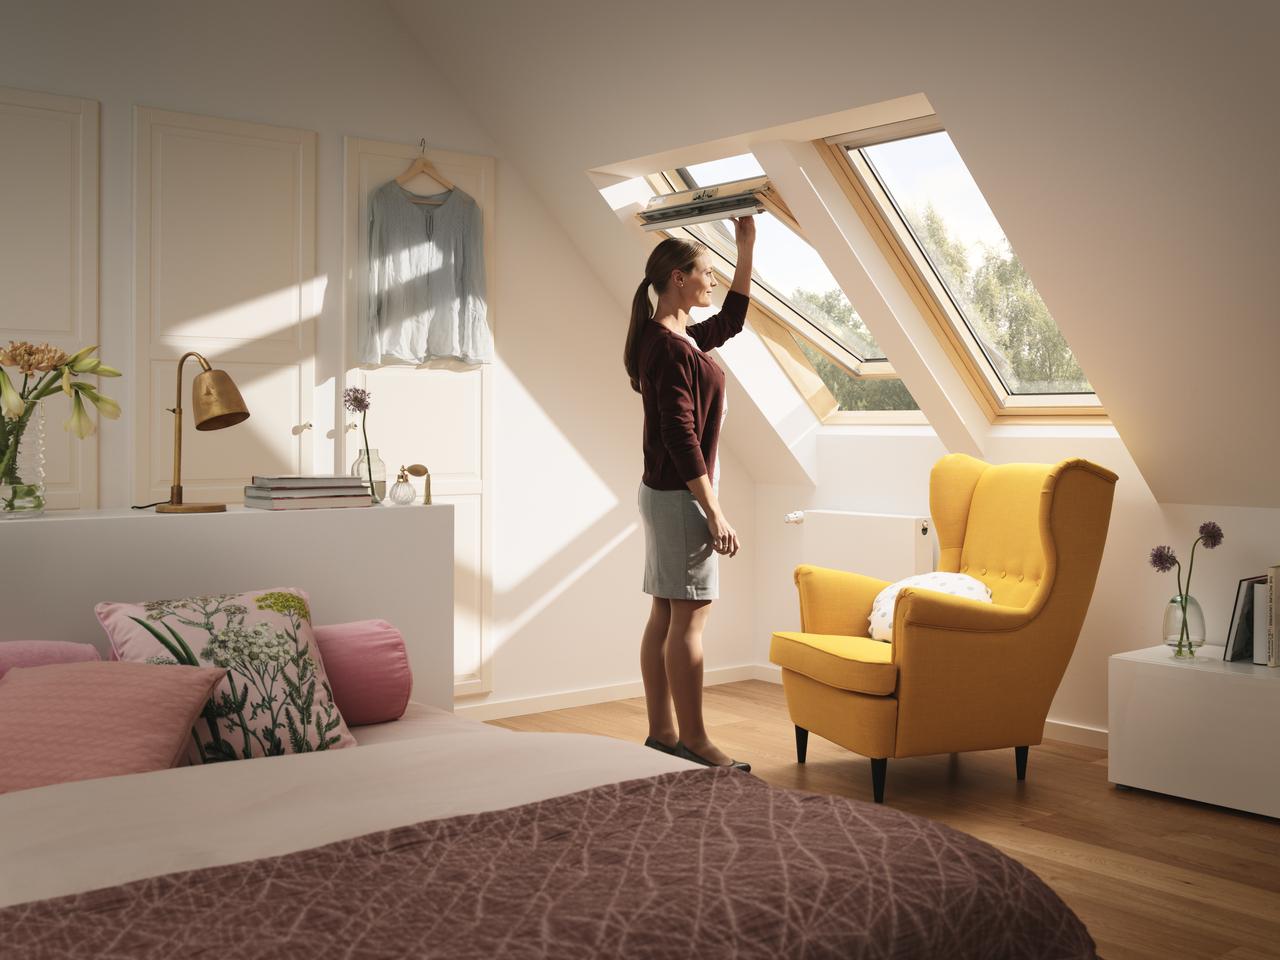 sostituzione finestre non servono permessi salvo rare